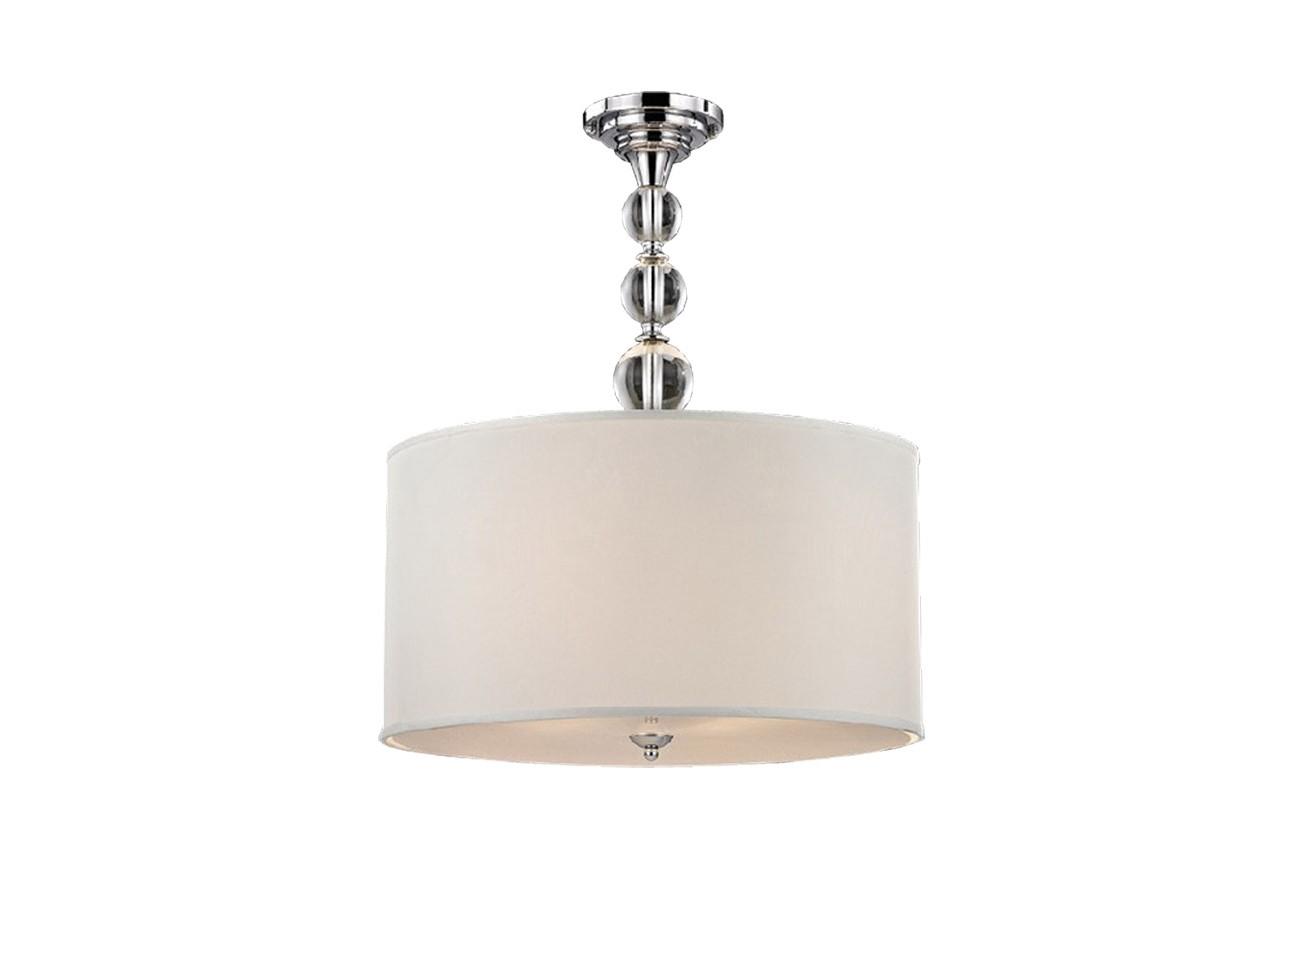 Настенный светильник Gramercy 15445814 от thefurnish